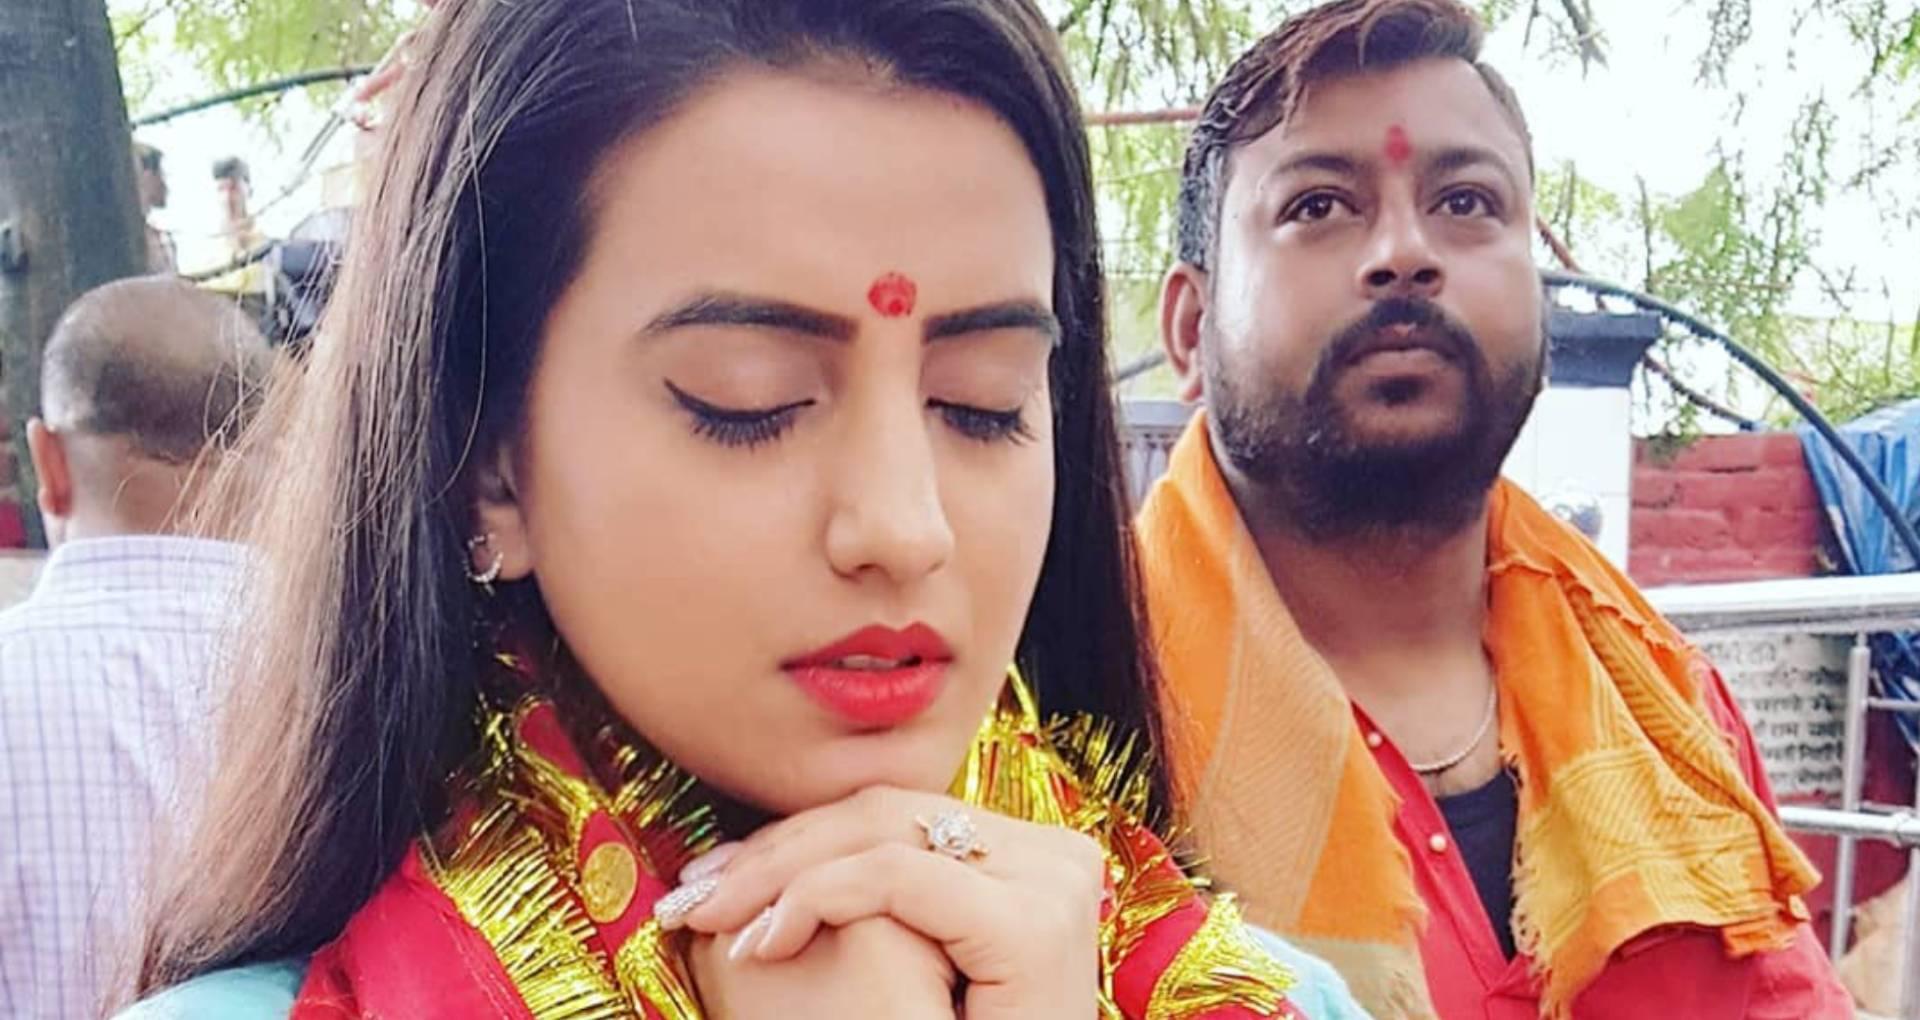 नवरात्रि में सिंगर अक्षरा सिंह ने गाया ये भोजपुरी गाना, यूट्यूब पर 2 करोड़ से ज्यादा लोगों ने देखा